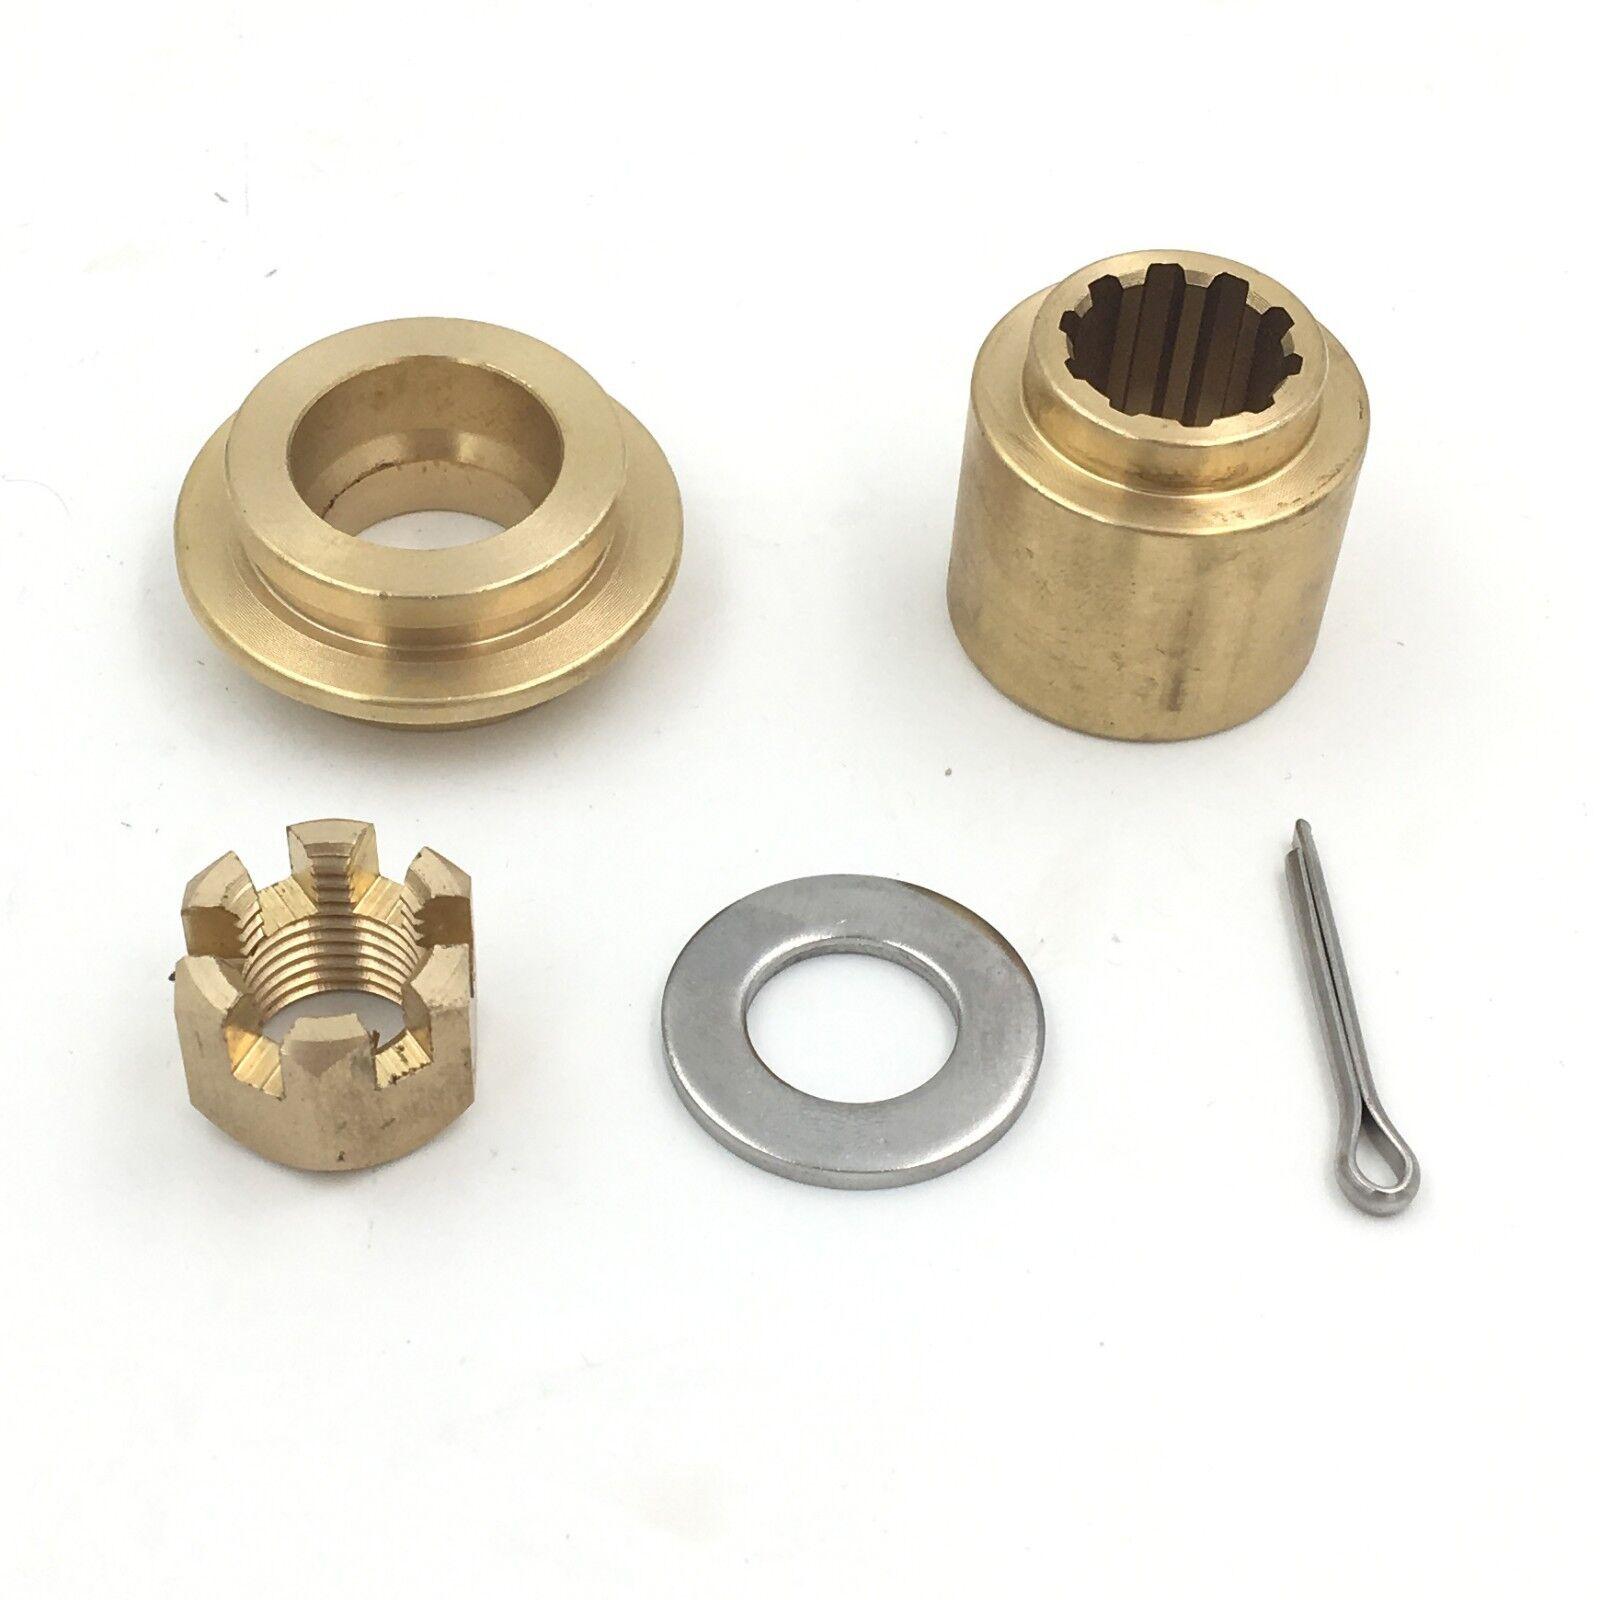 Propeller Hardware Kits Thrust Washer//Spacer//Nut for SUZUKI 20-30HP